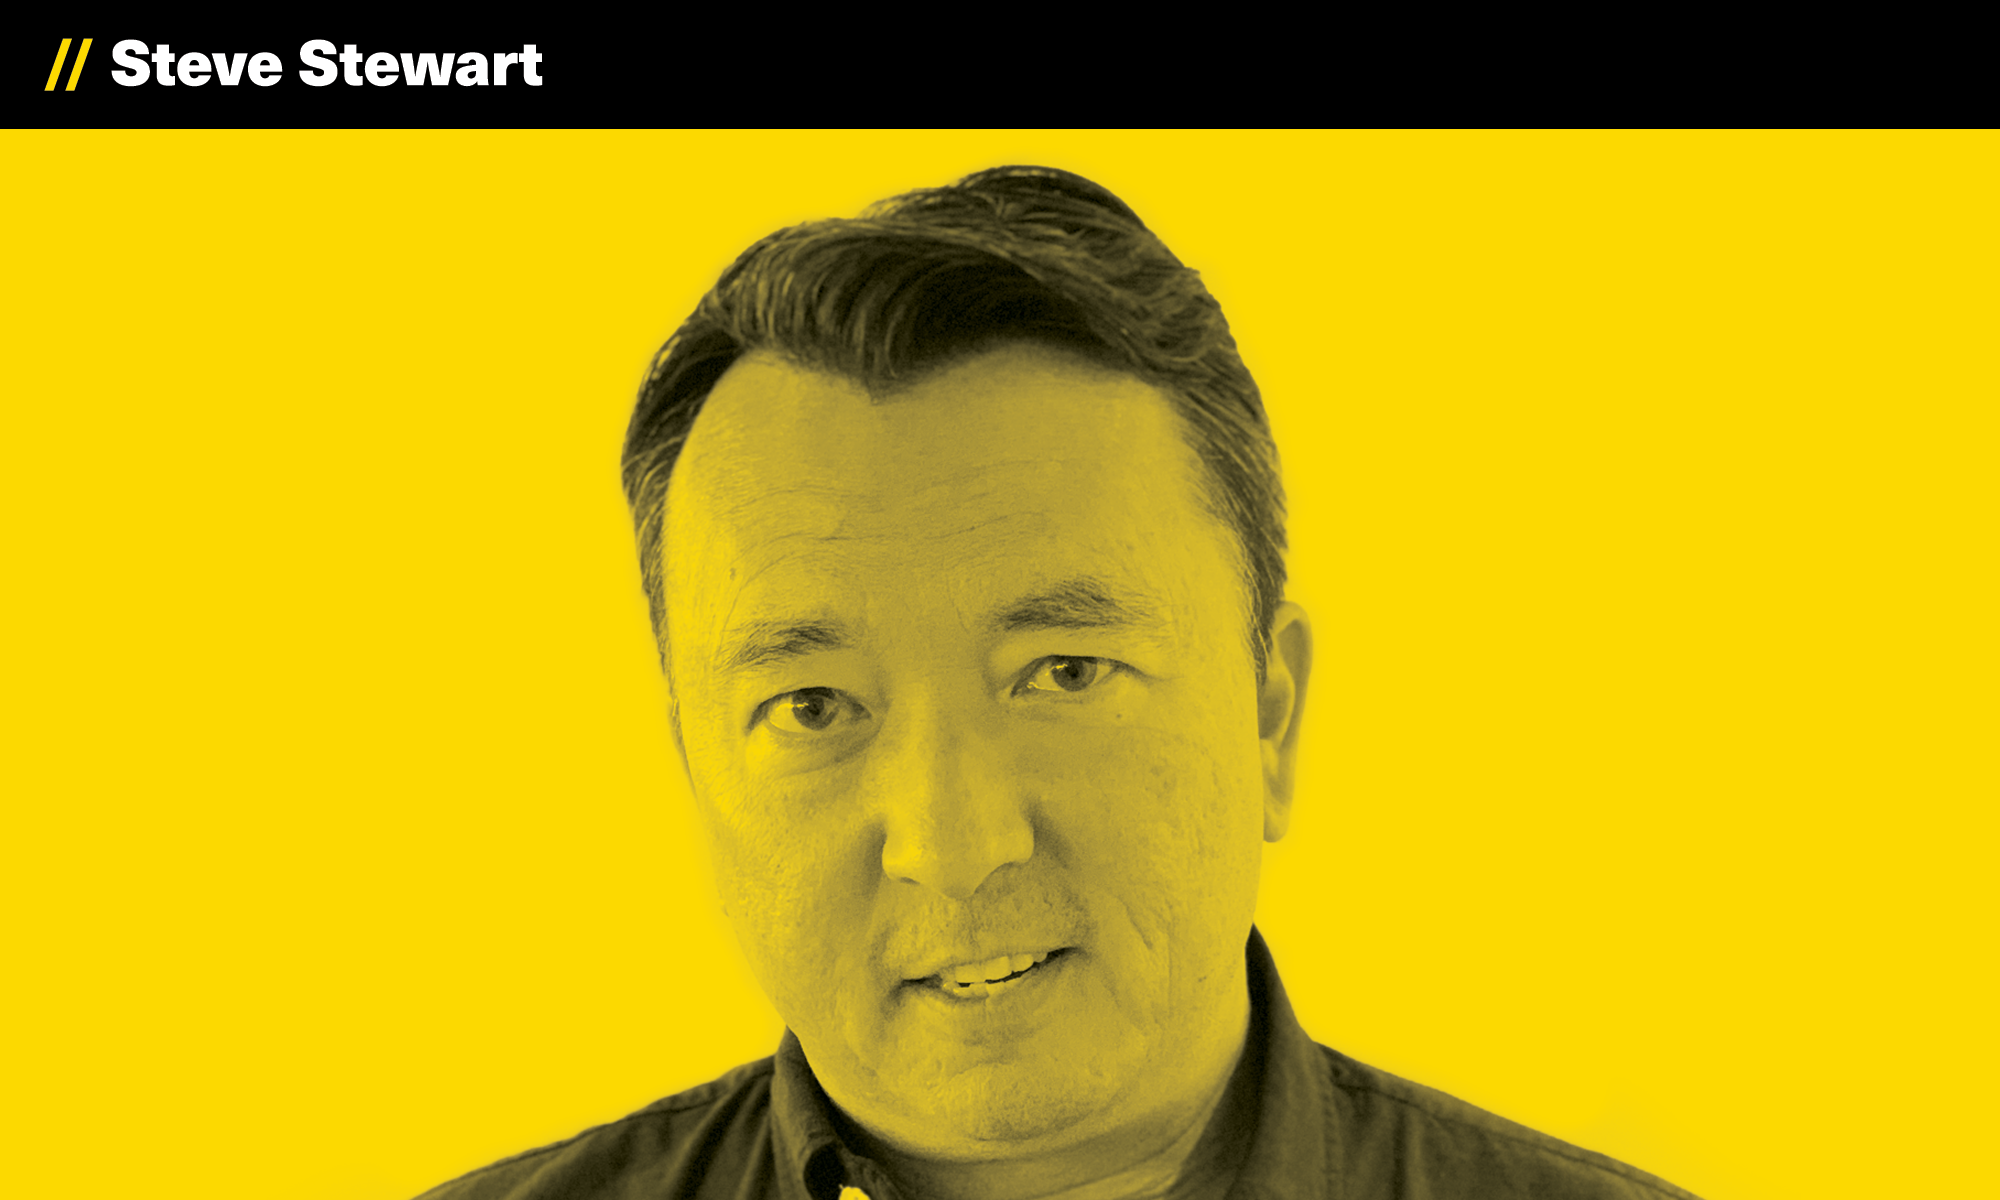 Steve Stewart, Vezt, The Founder Hour, Podcast